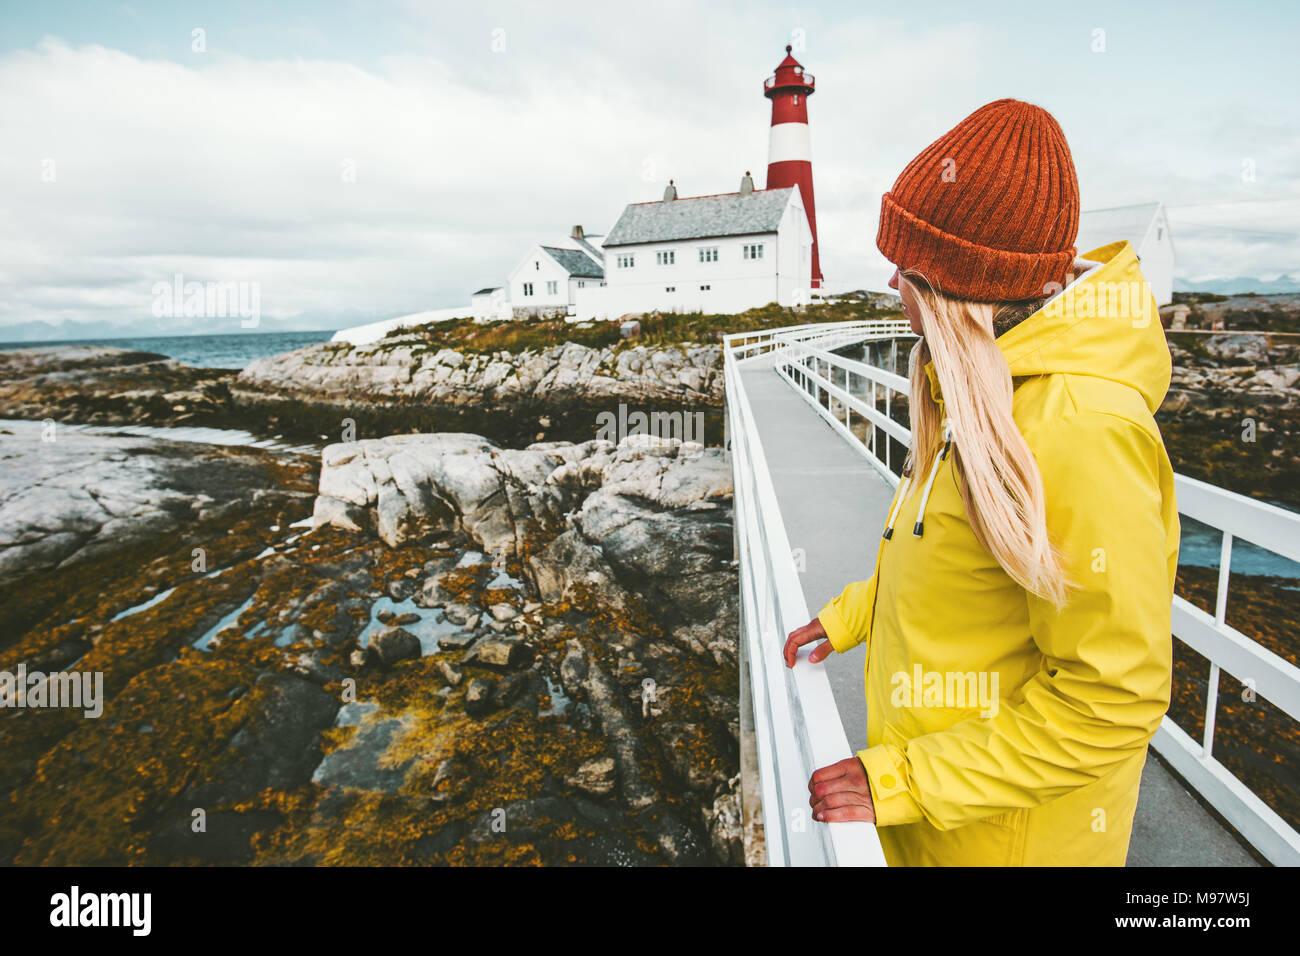 Donna sightseeing Norvegia paesaggio faro di stile di vita viaggio avventura concetto turistico a vacanze outdoor bambina indossa un impermeabile giallo al permanente Immagini Stock